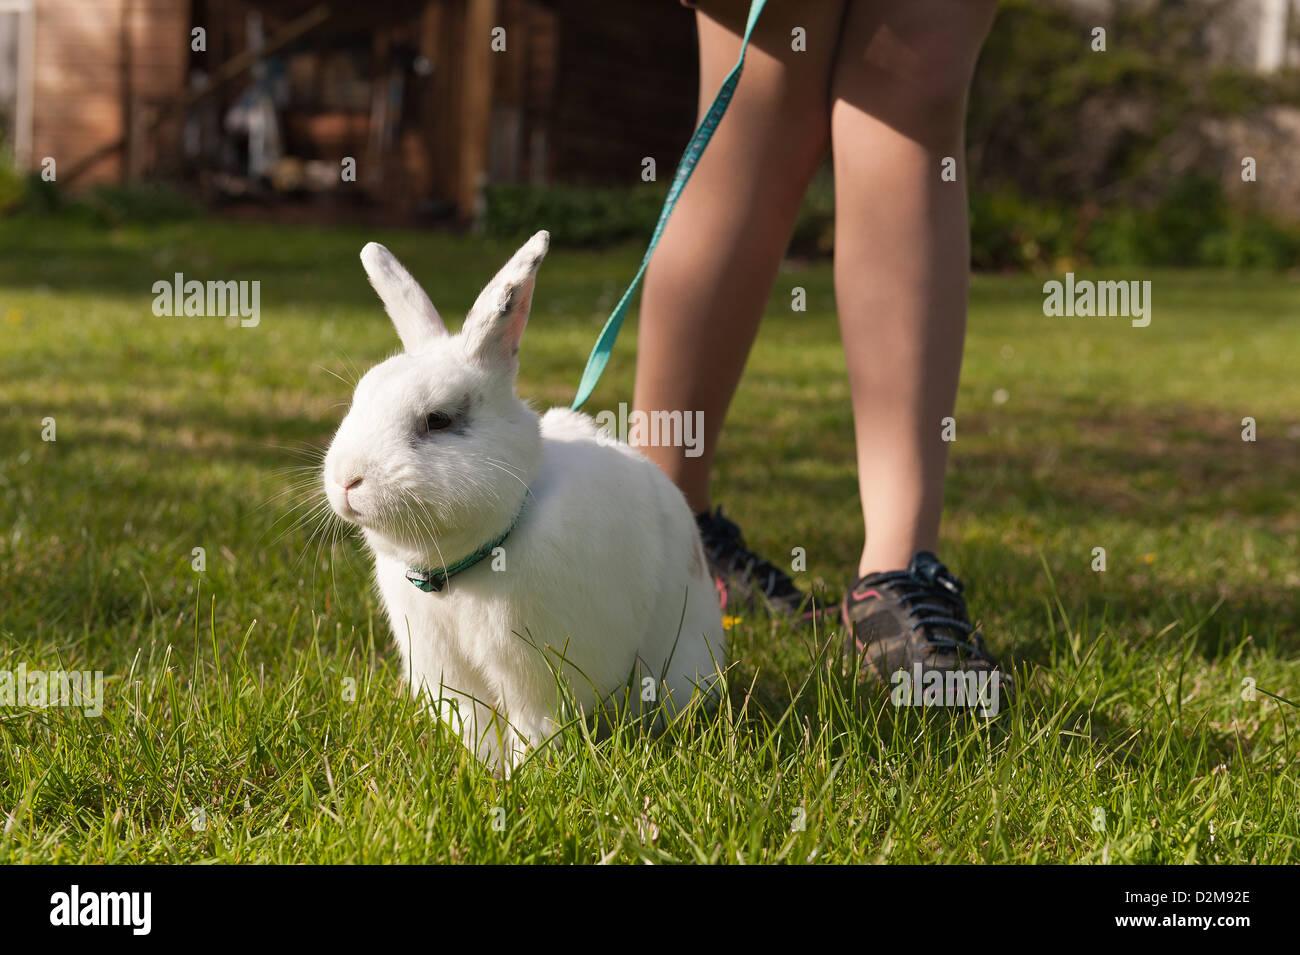 Teenager-Mädchen zu Fuß einen englischen Butterfly weiße Kaninchen an der Leine auf einer Wiese mit Gänseblümchen Stockfoto